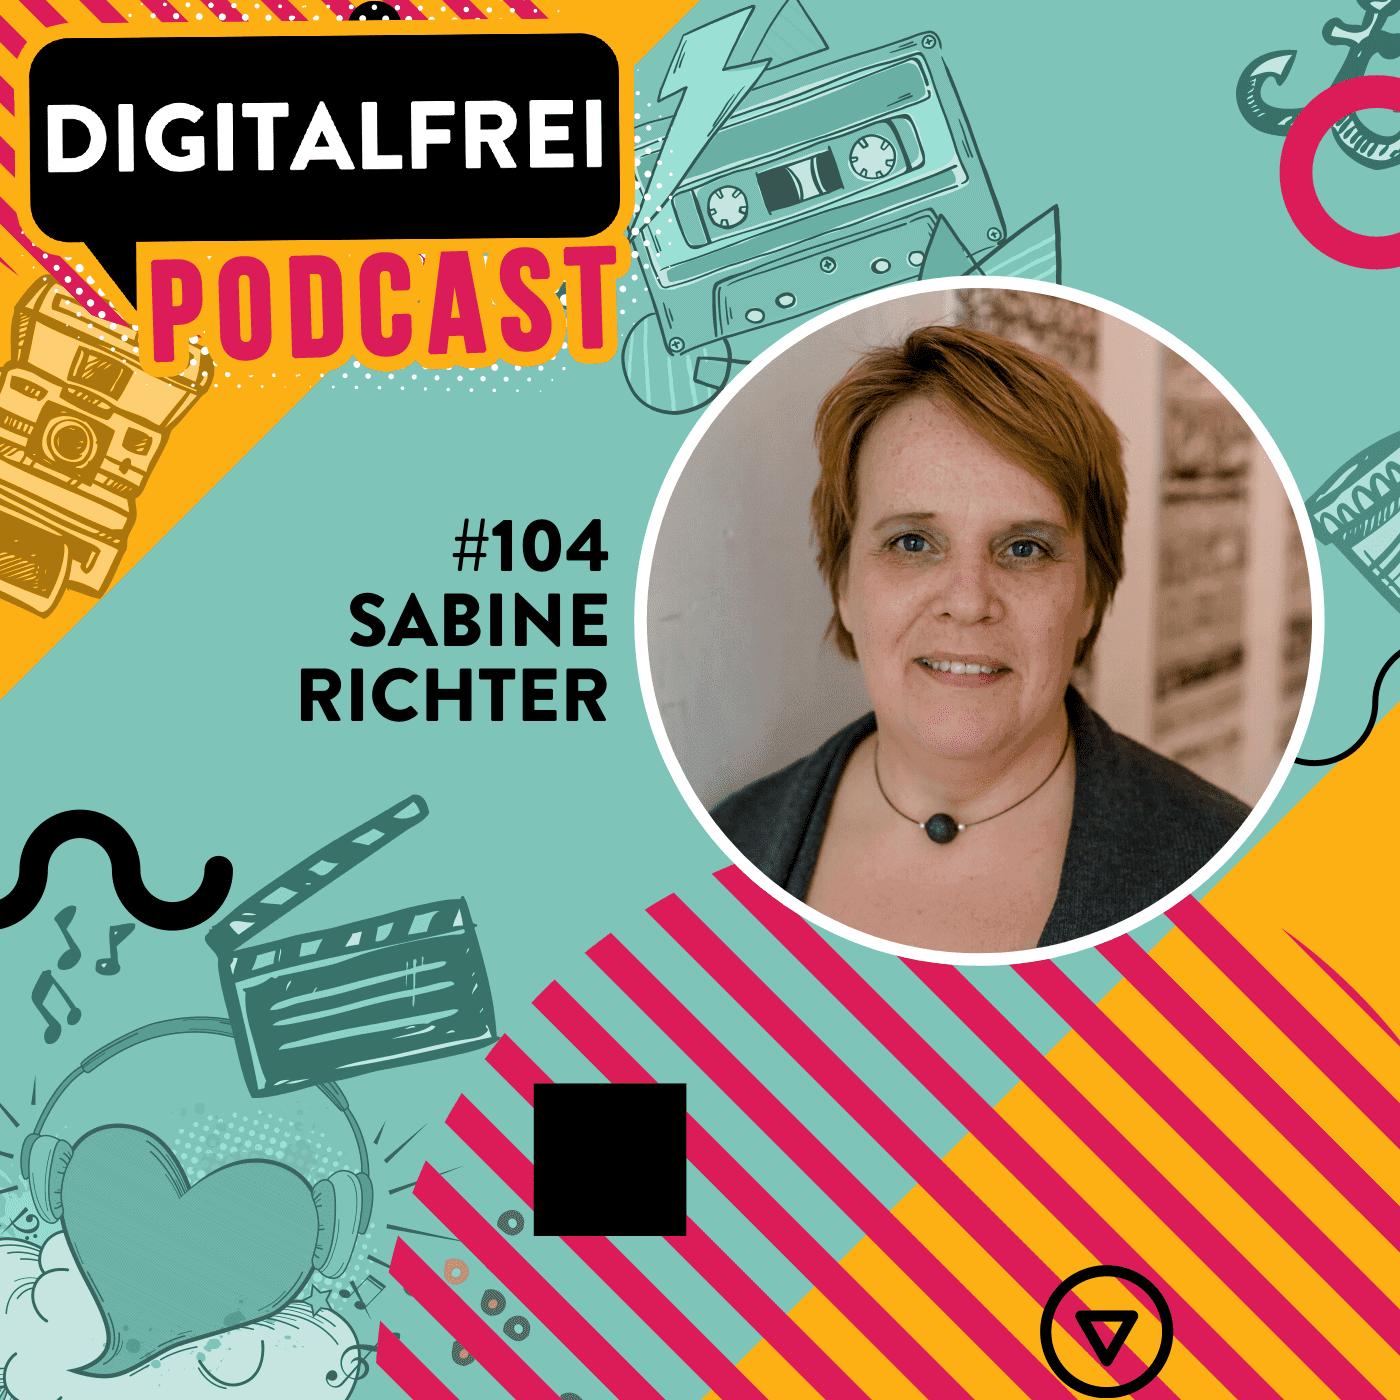 Sabine Richter im Digitalfrei Podcast mit Sascha Feldmann